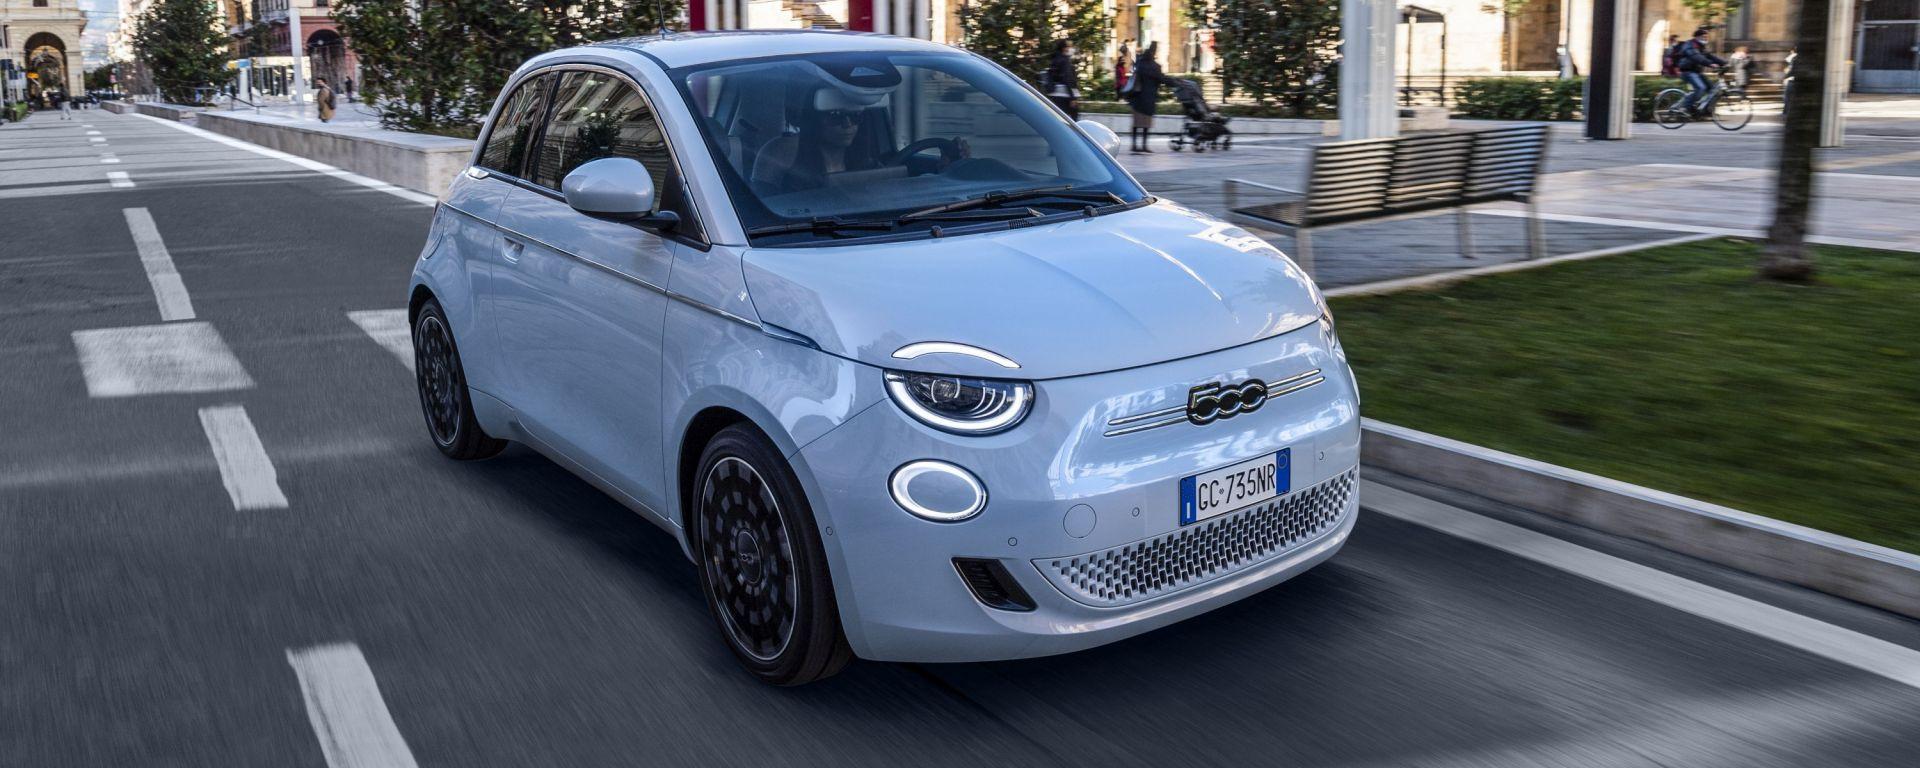 Fiat 500 e Alexa, arriva la skill per la piccola elettrica torinese